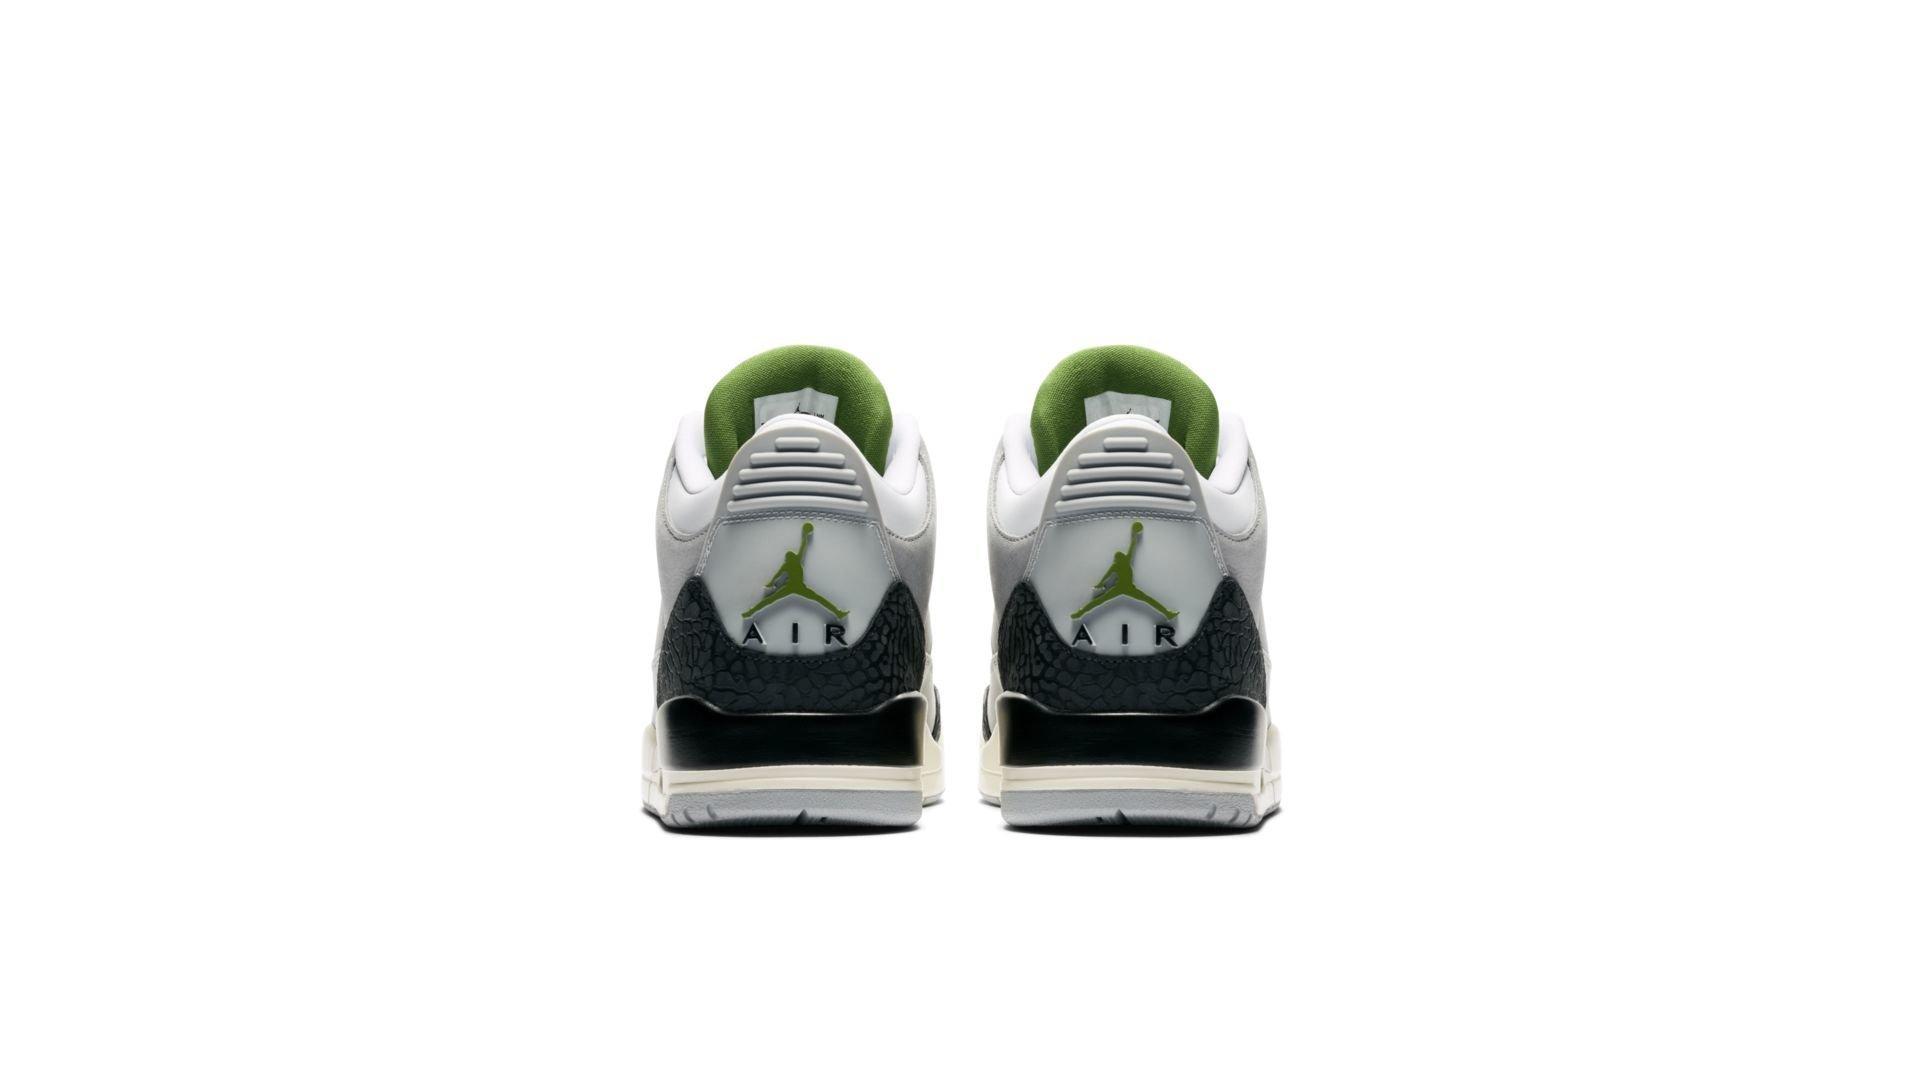 Air Jordan 3 136064-006